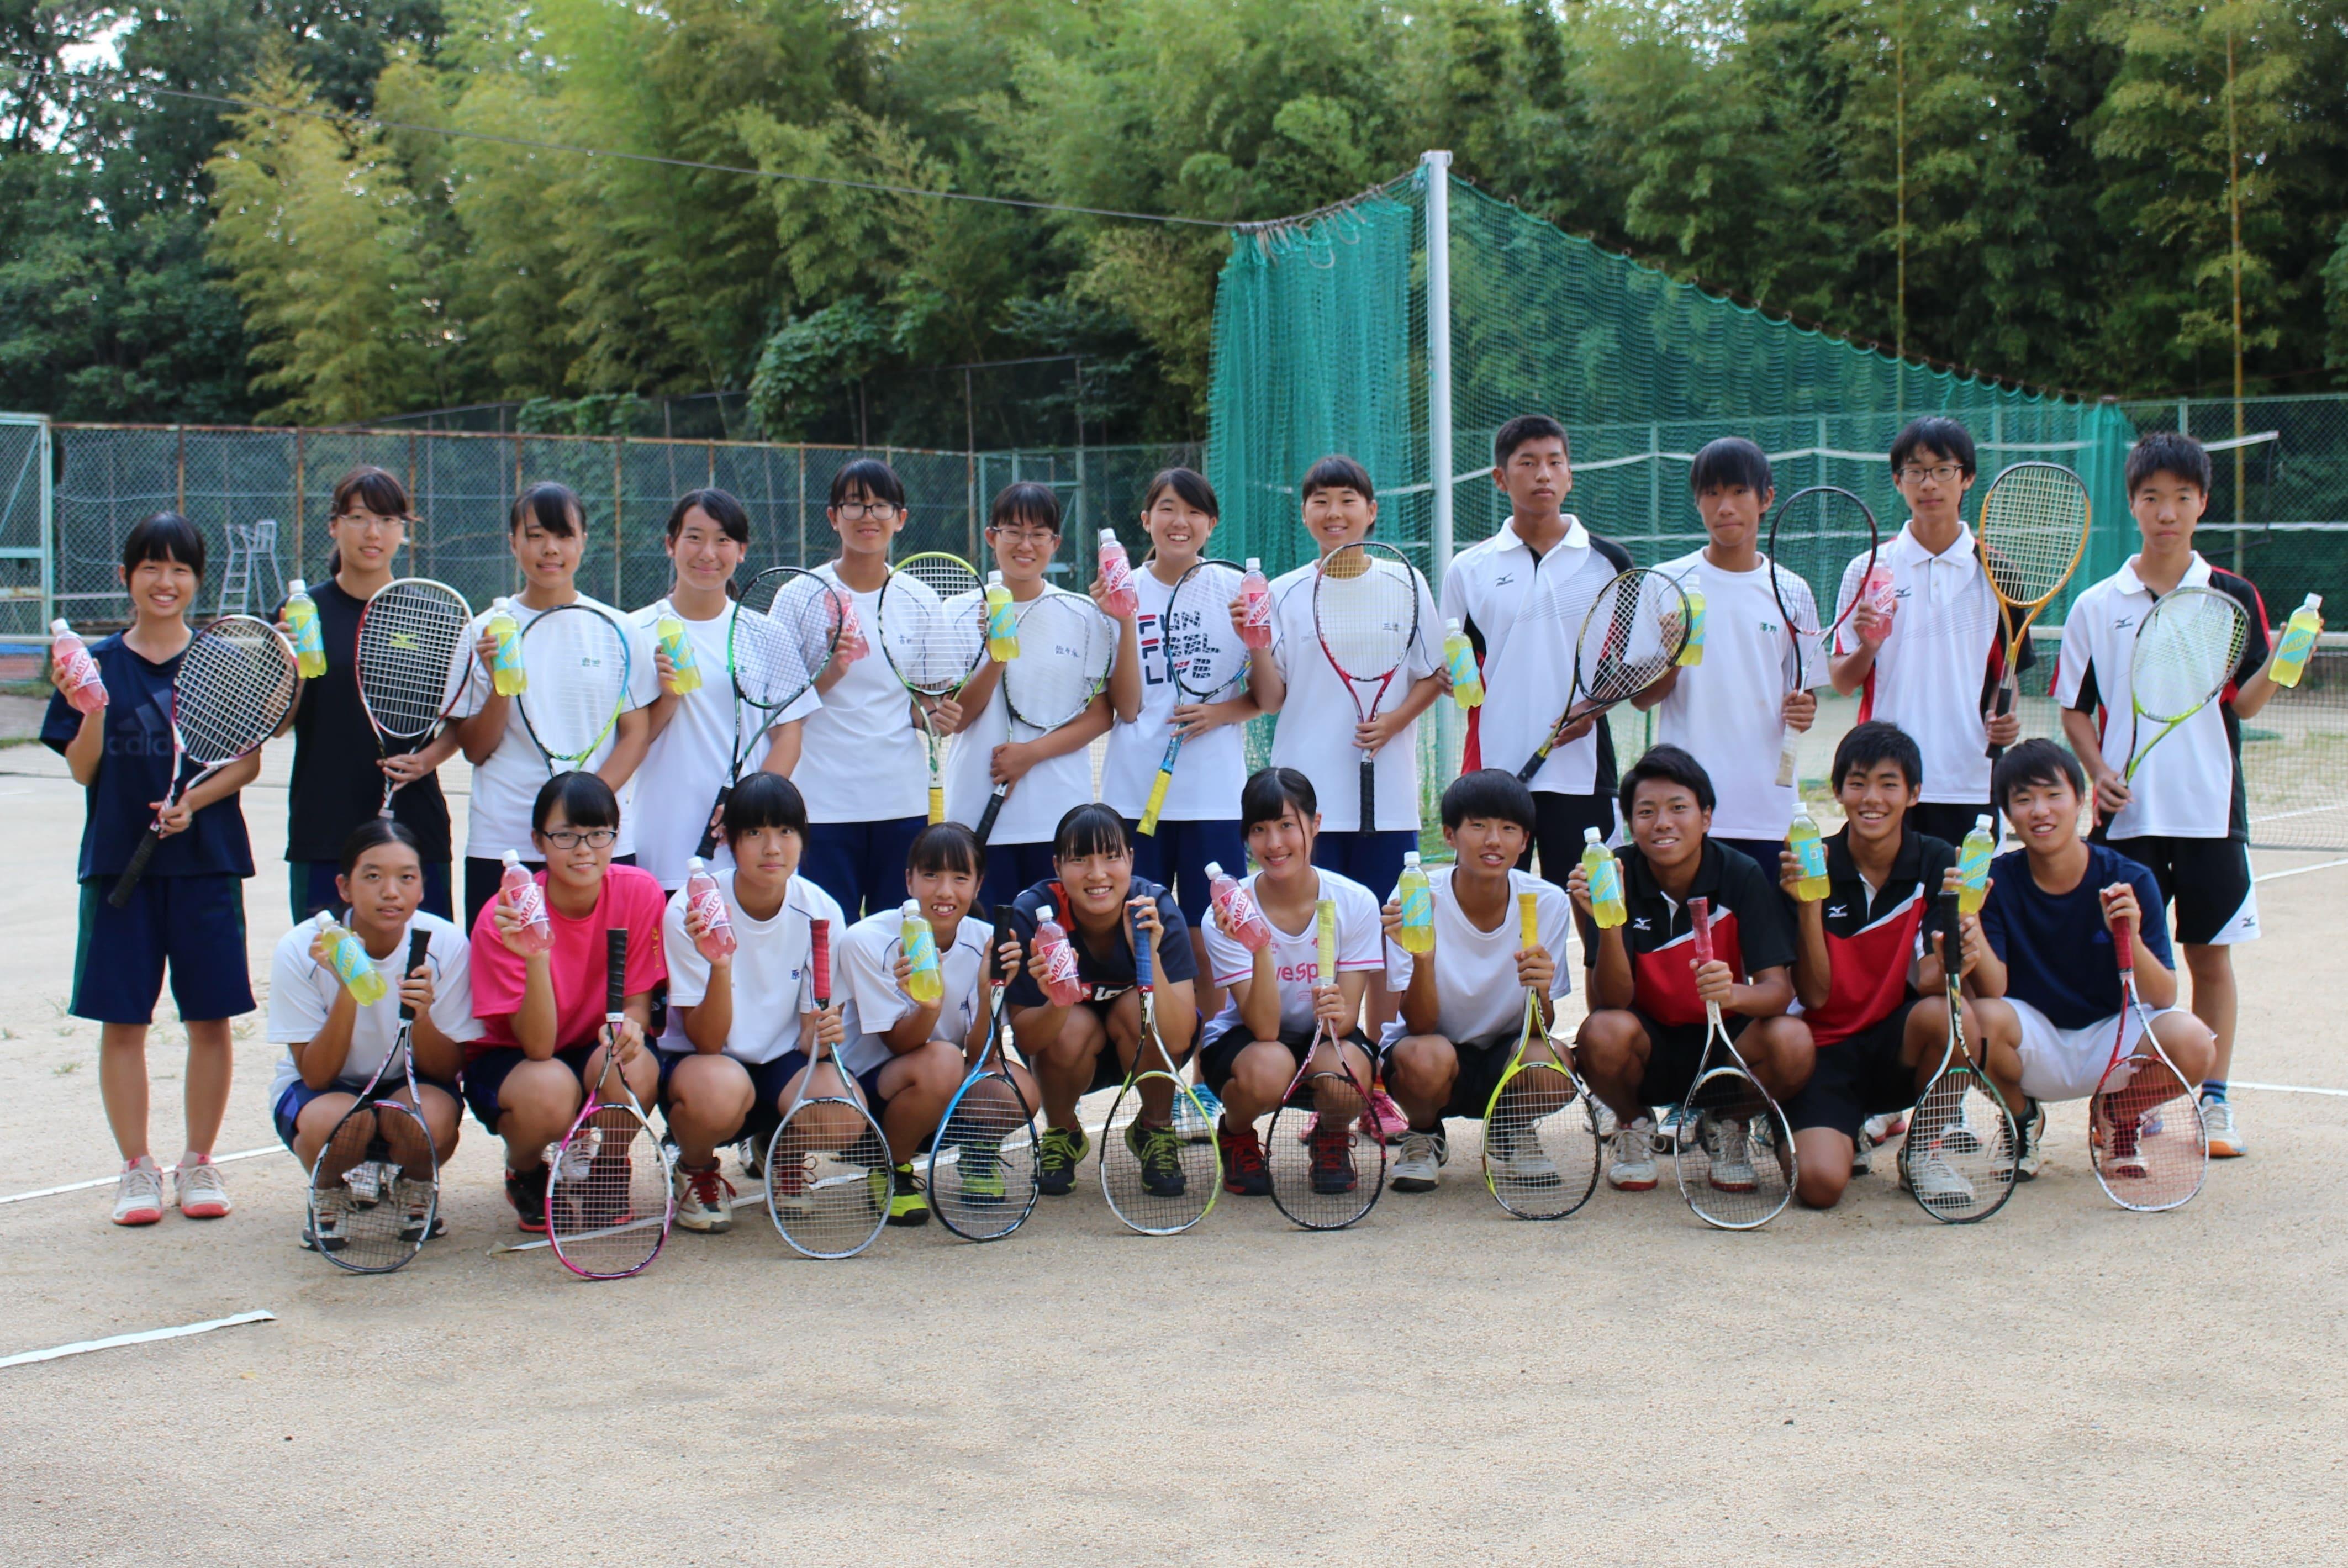 大阪市立南高等学校 ソフトテニス部<BUKATSU魂。Supported by MATCH Season6>